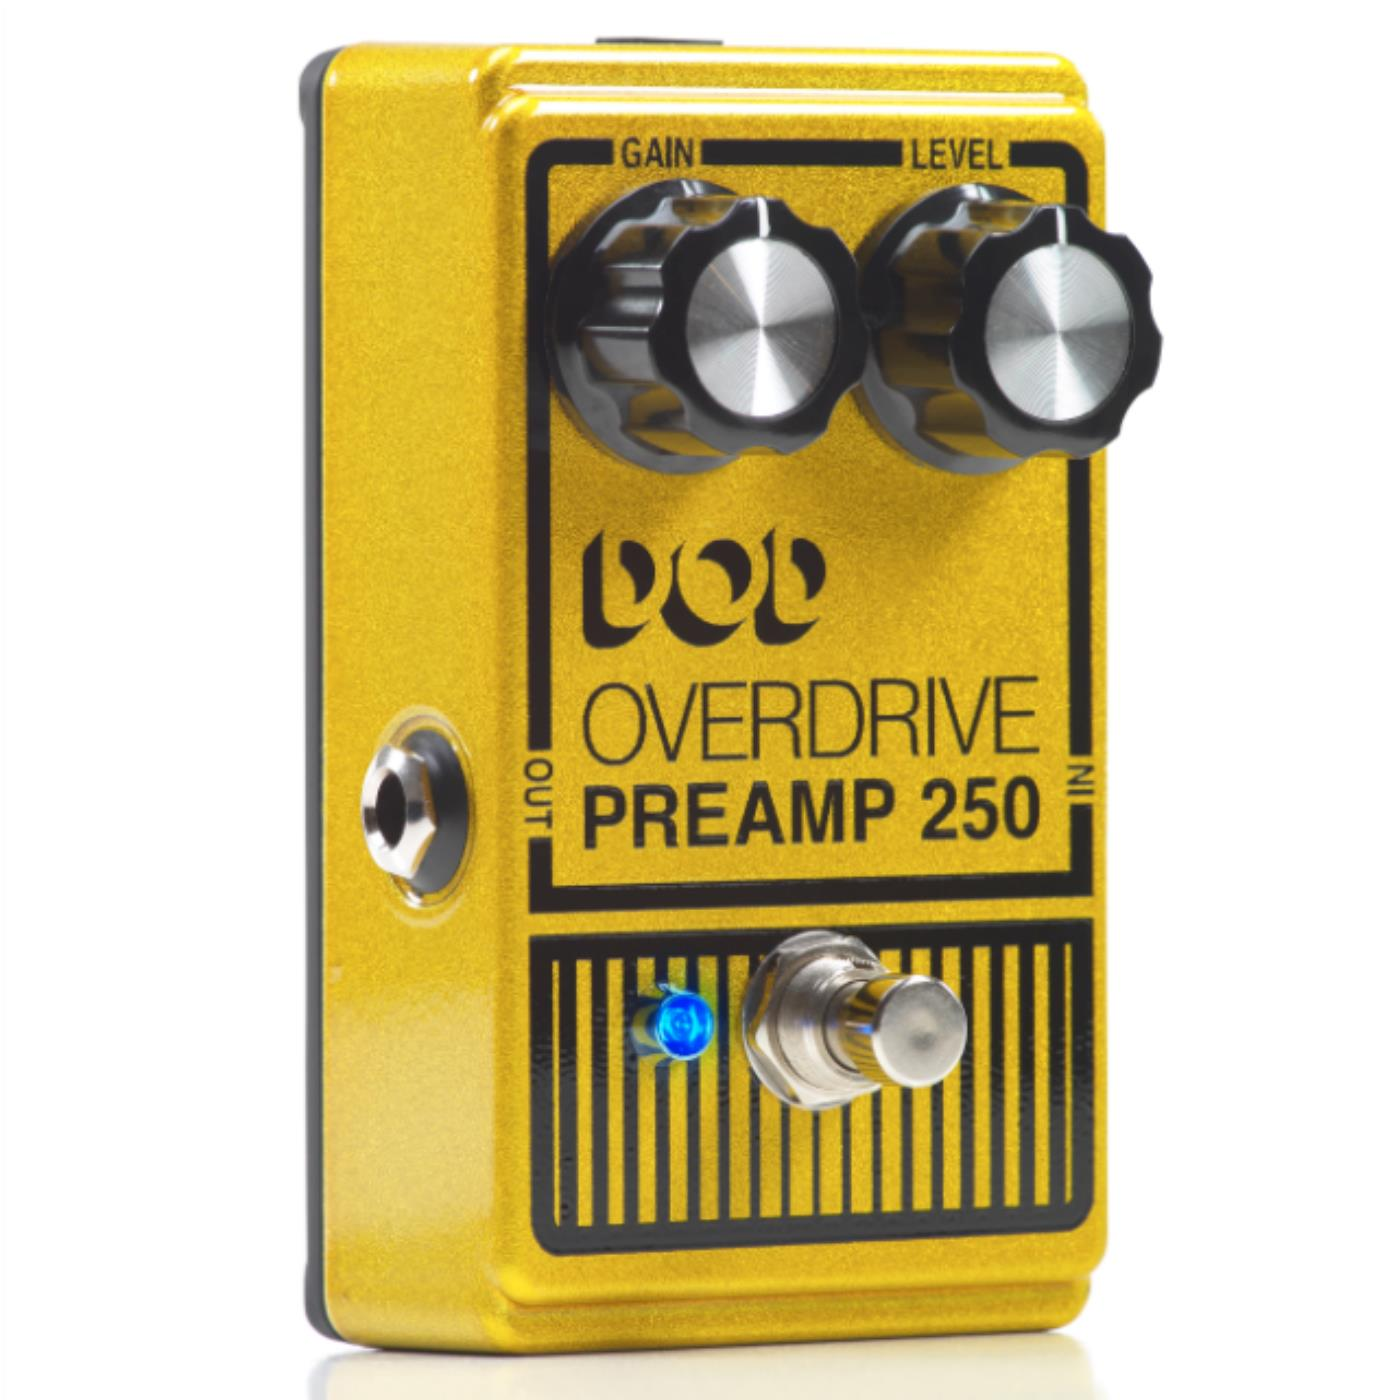 DigiTech DOD Pedal De Efeito Para Guitarra Overdrive PREAMP 250